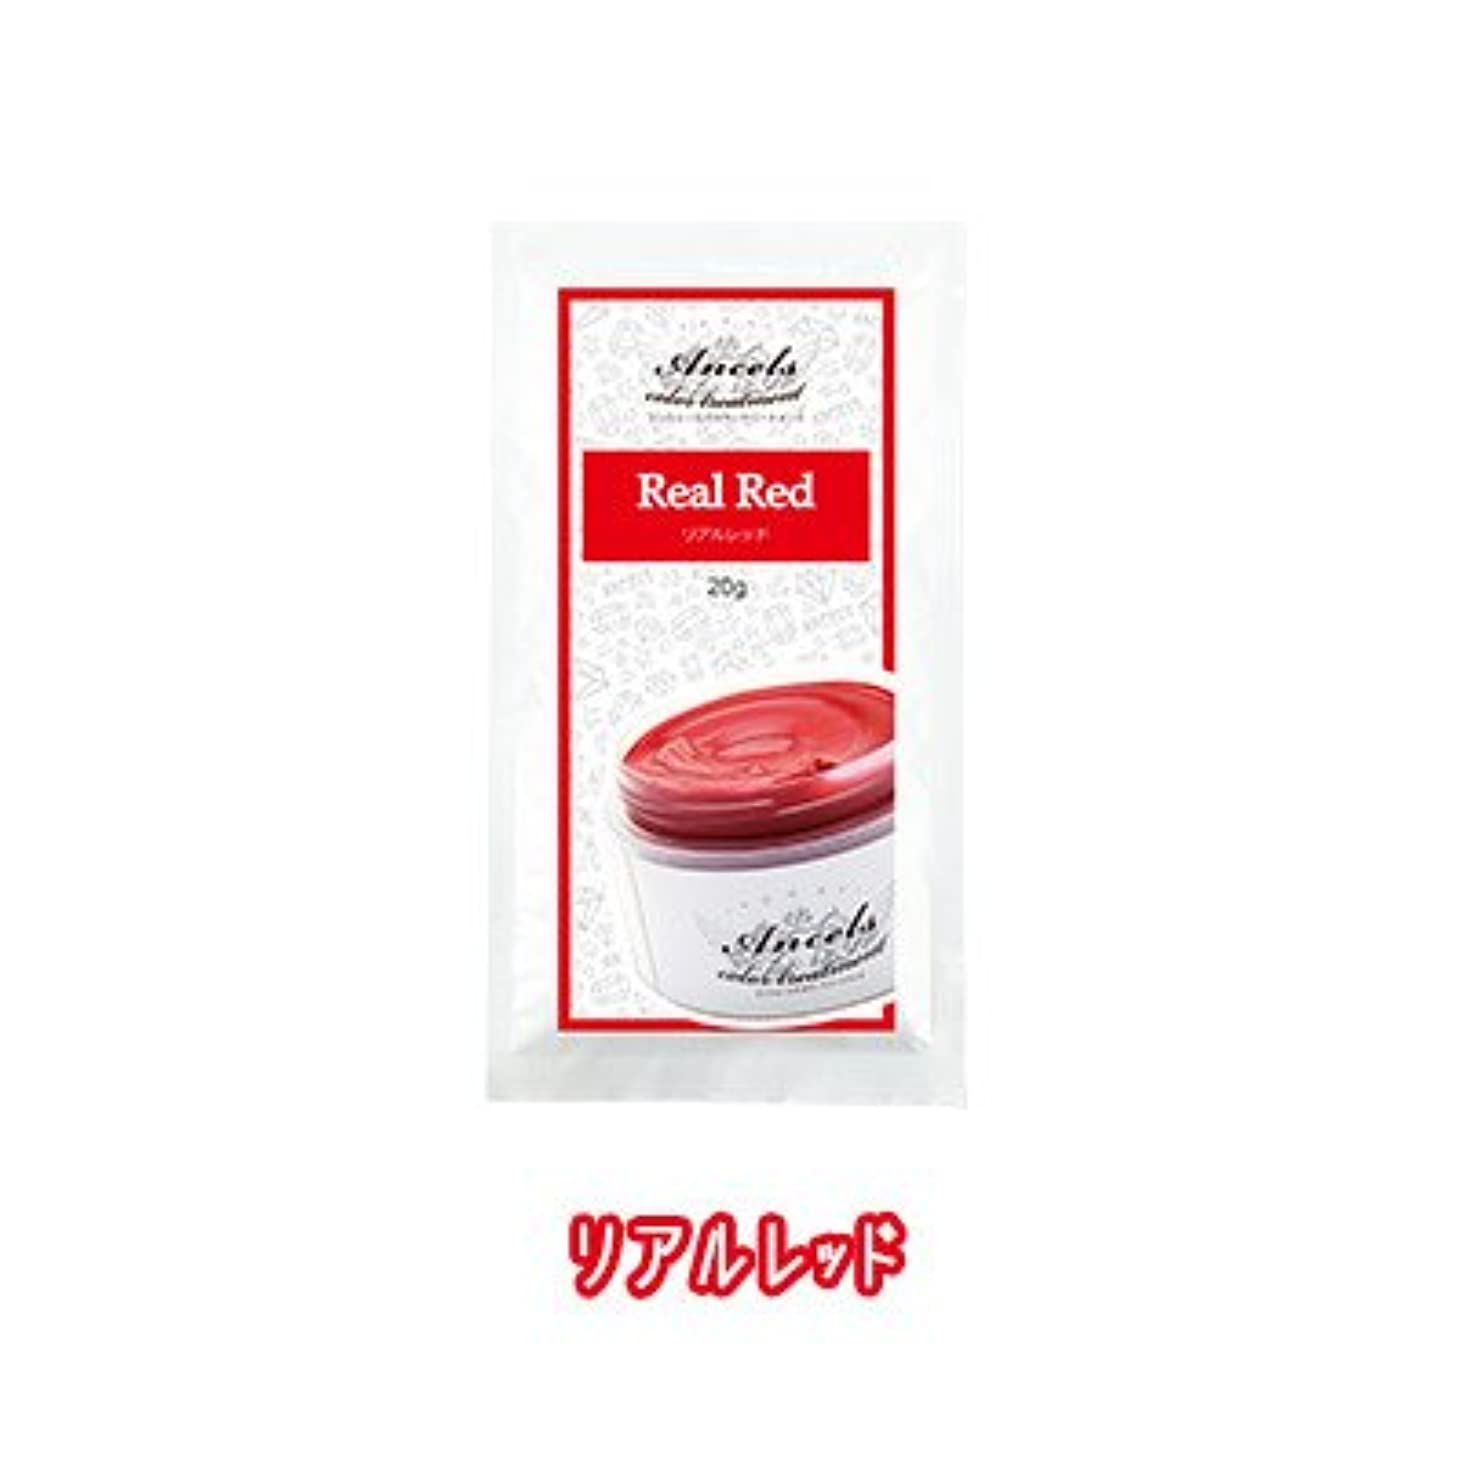 日付付きとげのある有害エンシェールズ カラートリートメントバター プチ(お試しサイズ) リアルレッド 20g